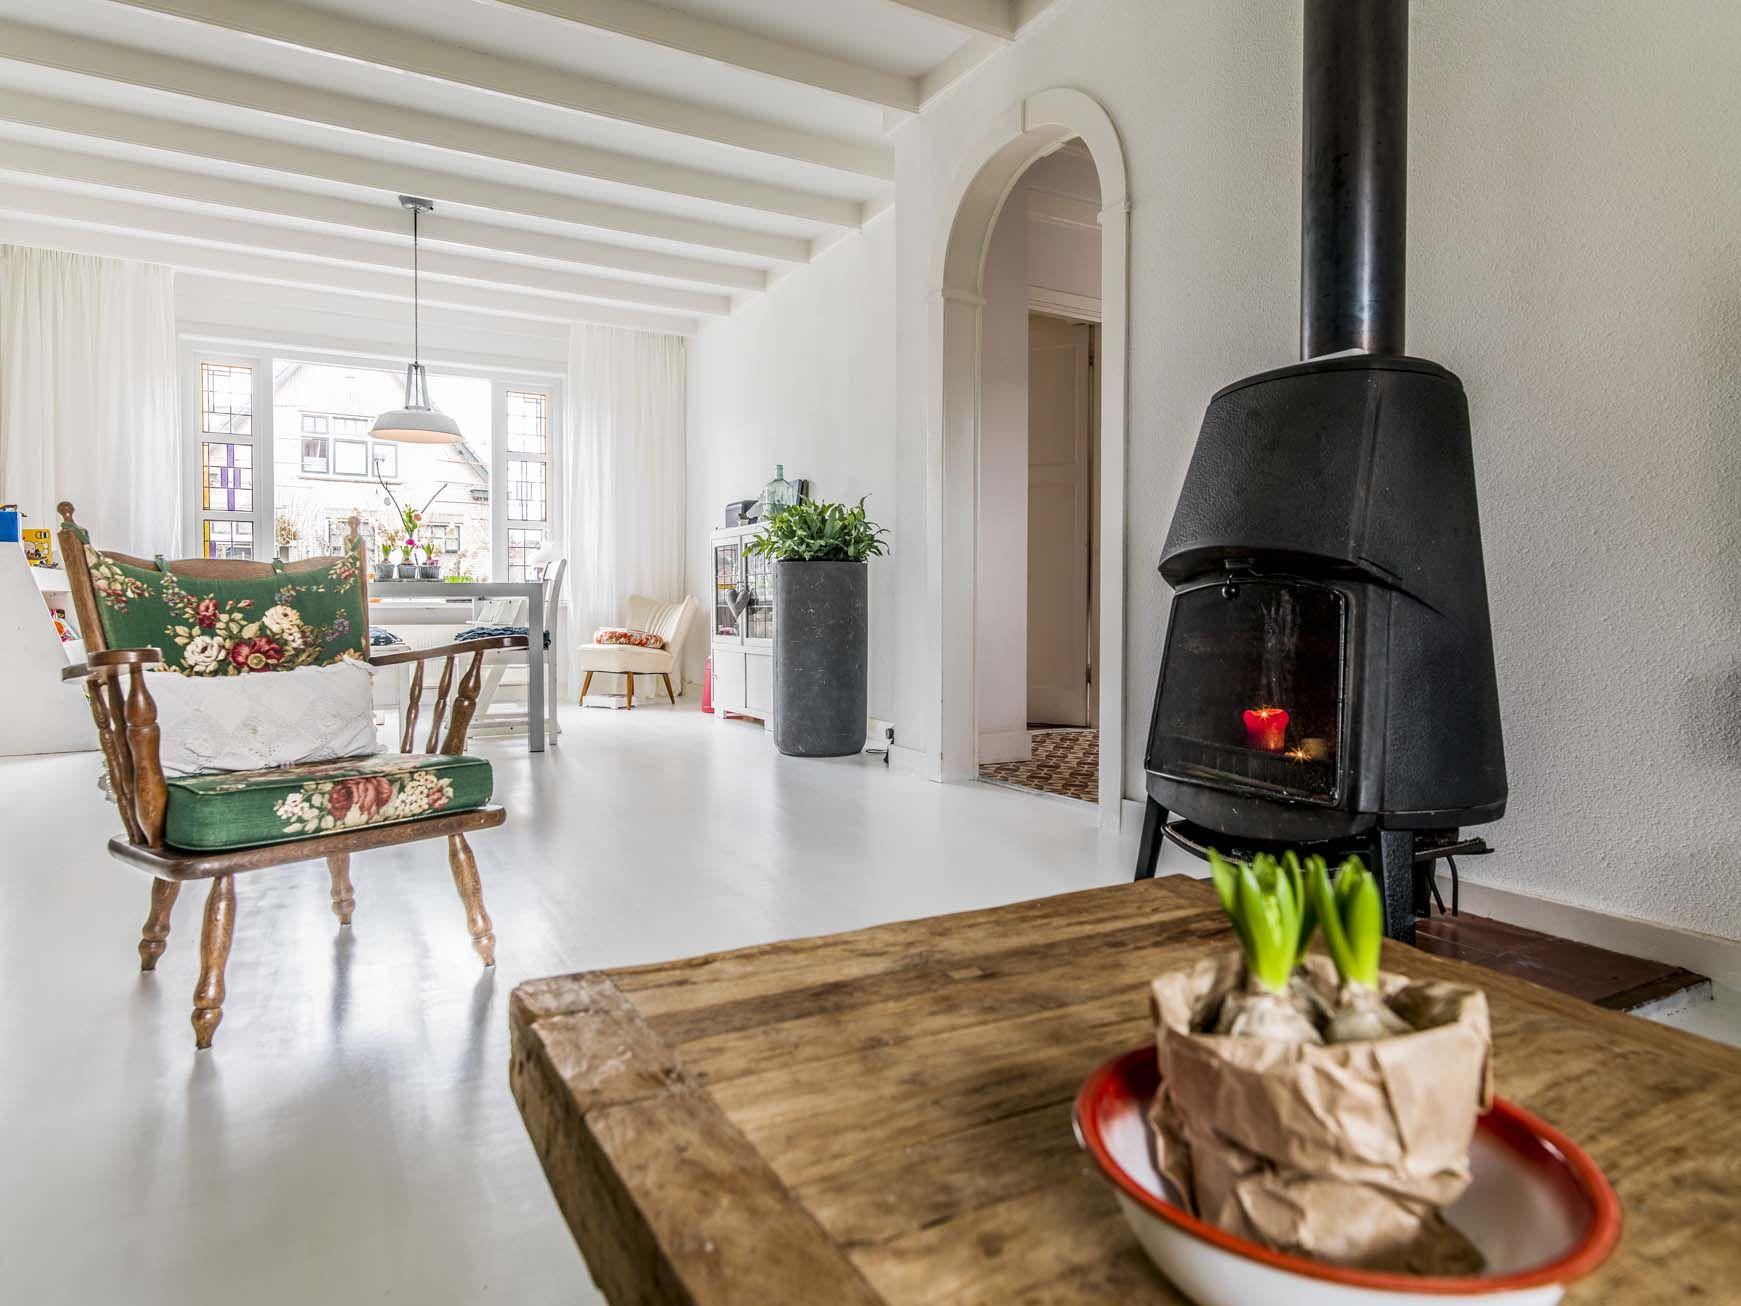 Nieuwe Houten Vloer : Houten vloer dekkend wit met woca floorpaint hoogeveen